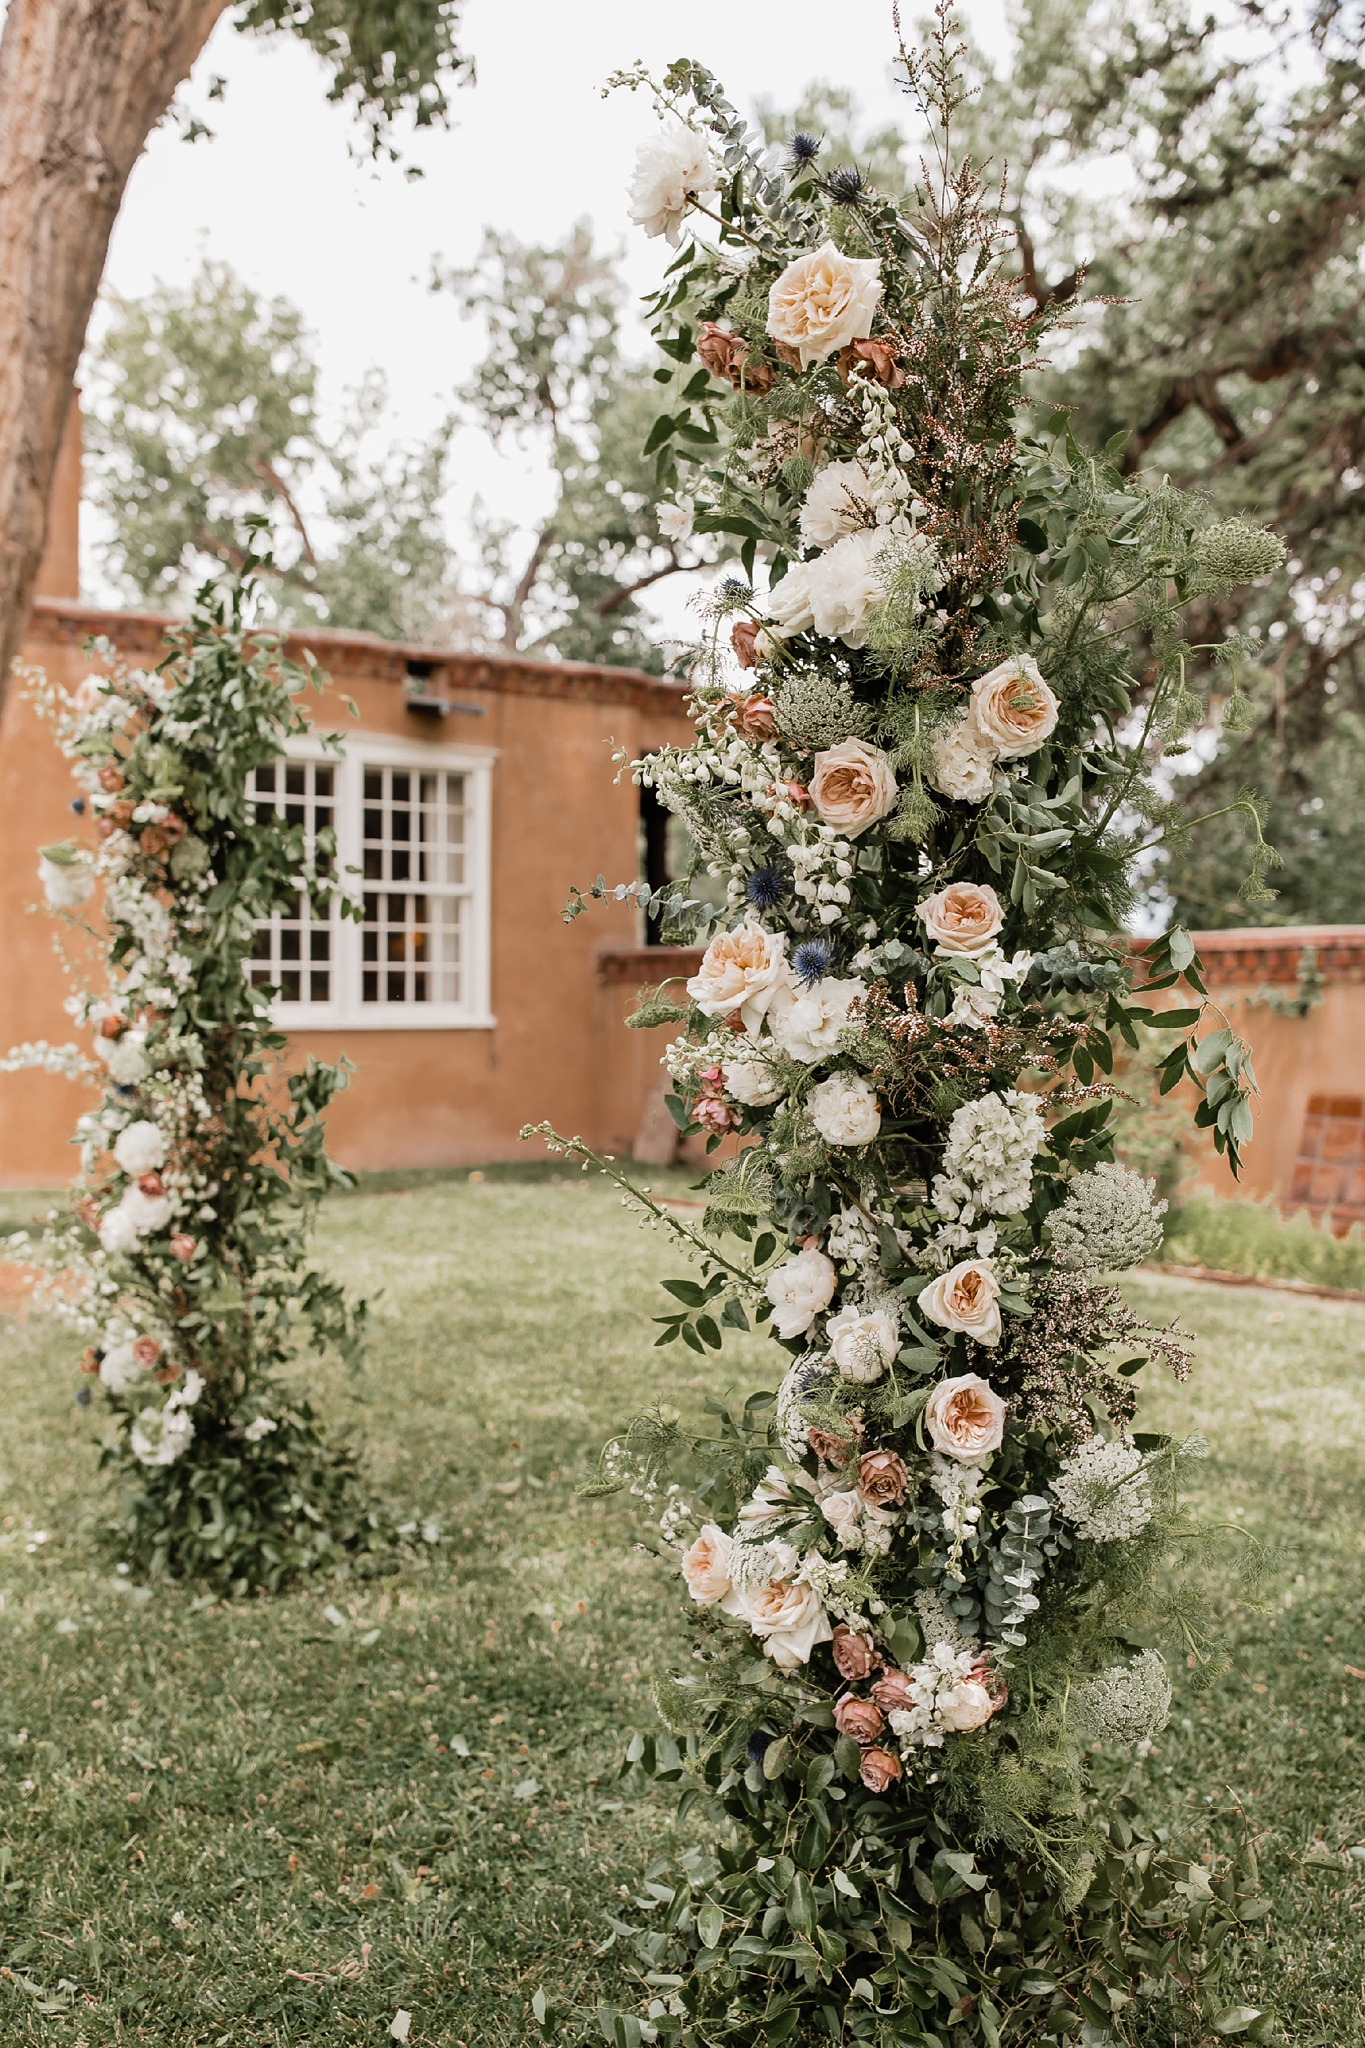 Alicia+lucia+photography+-+albuquerque+wedding+photographer+-+santa+fe+wedding+photography+-+new+mexico+wedding+photographer+-+new+mexico+wedding+-+summer+wedding+-+summer+wedding+florals+-+southwest+wedding_0060.jpg